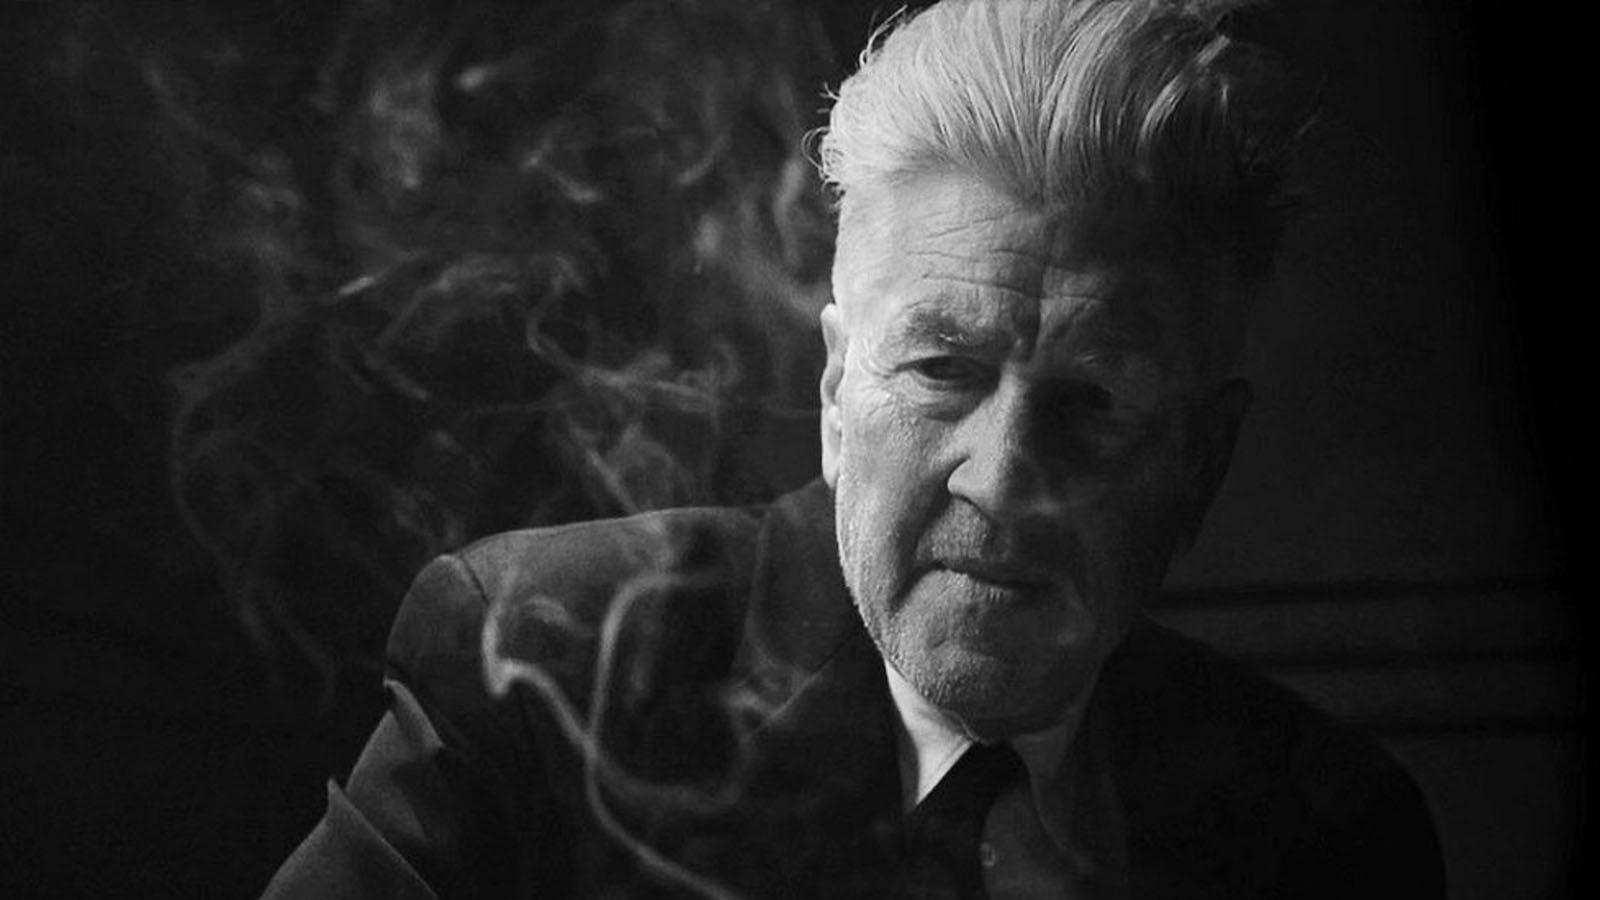 Niepokojący teledysk od Davida Lyncha